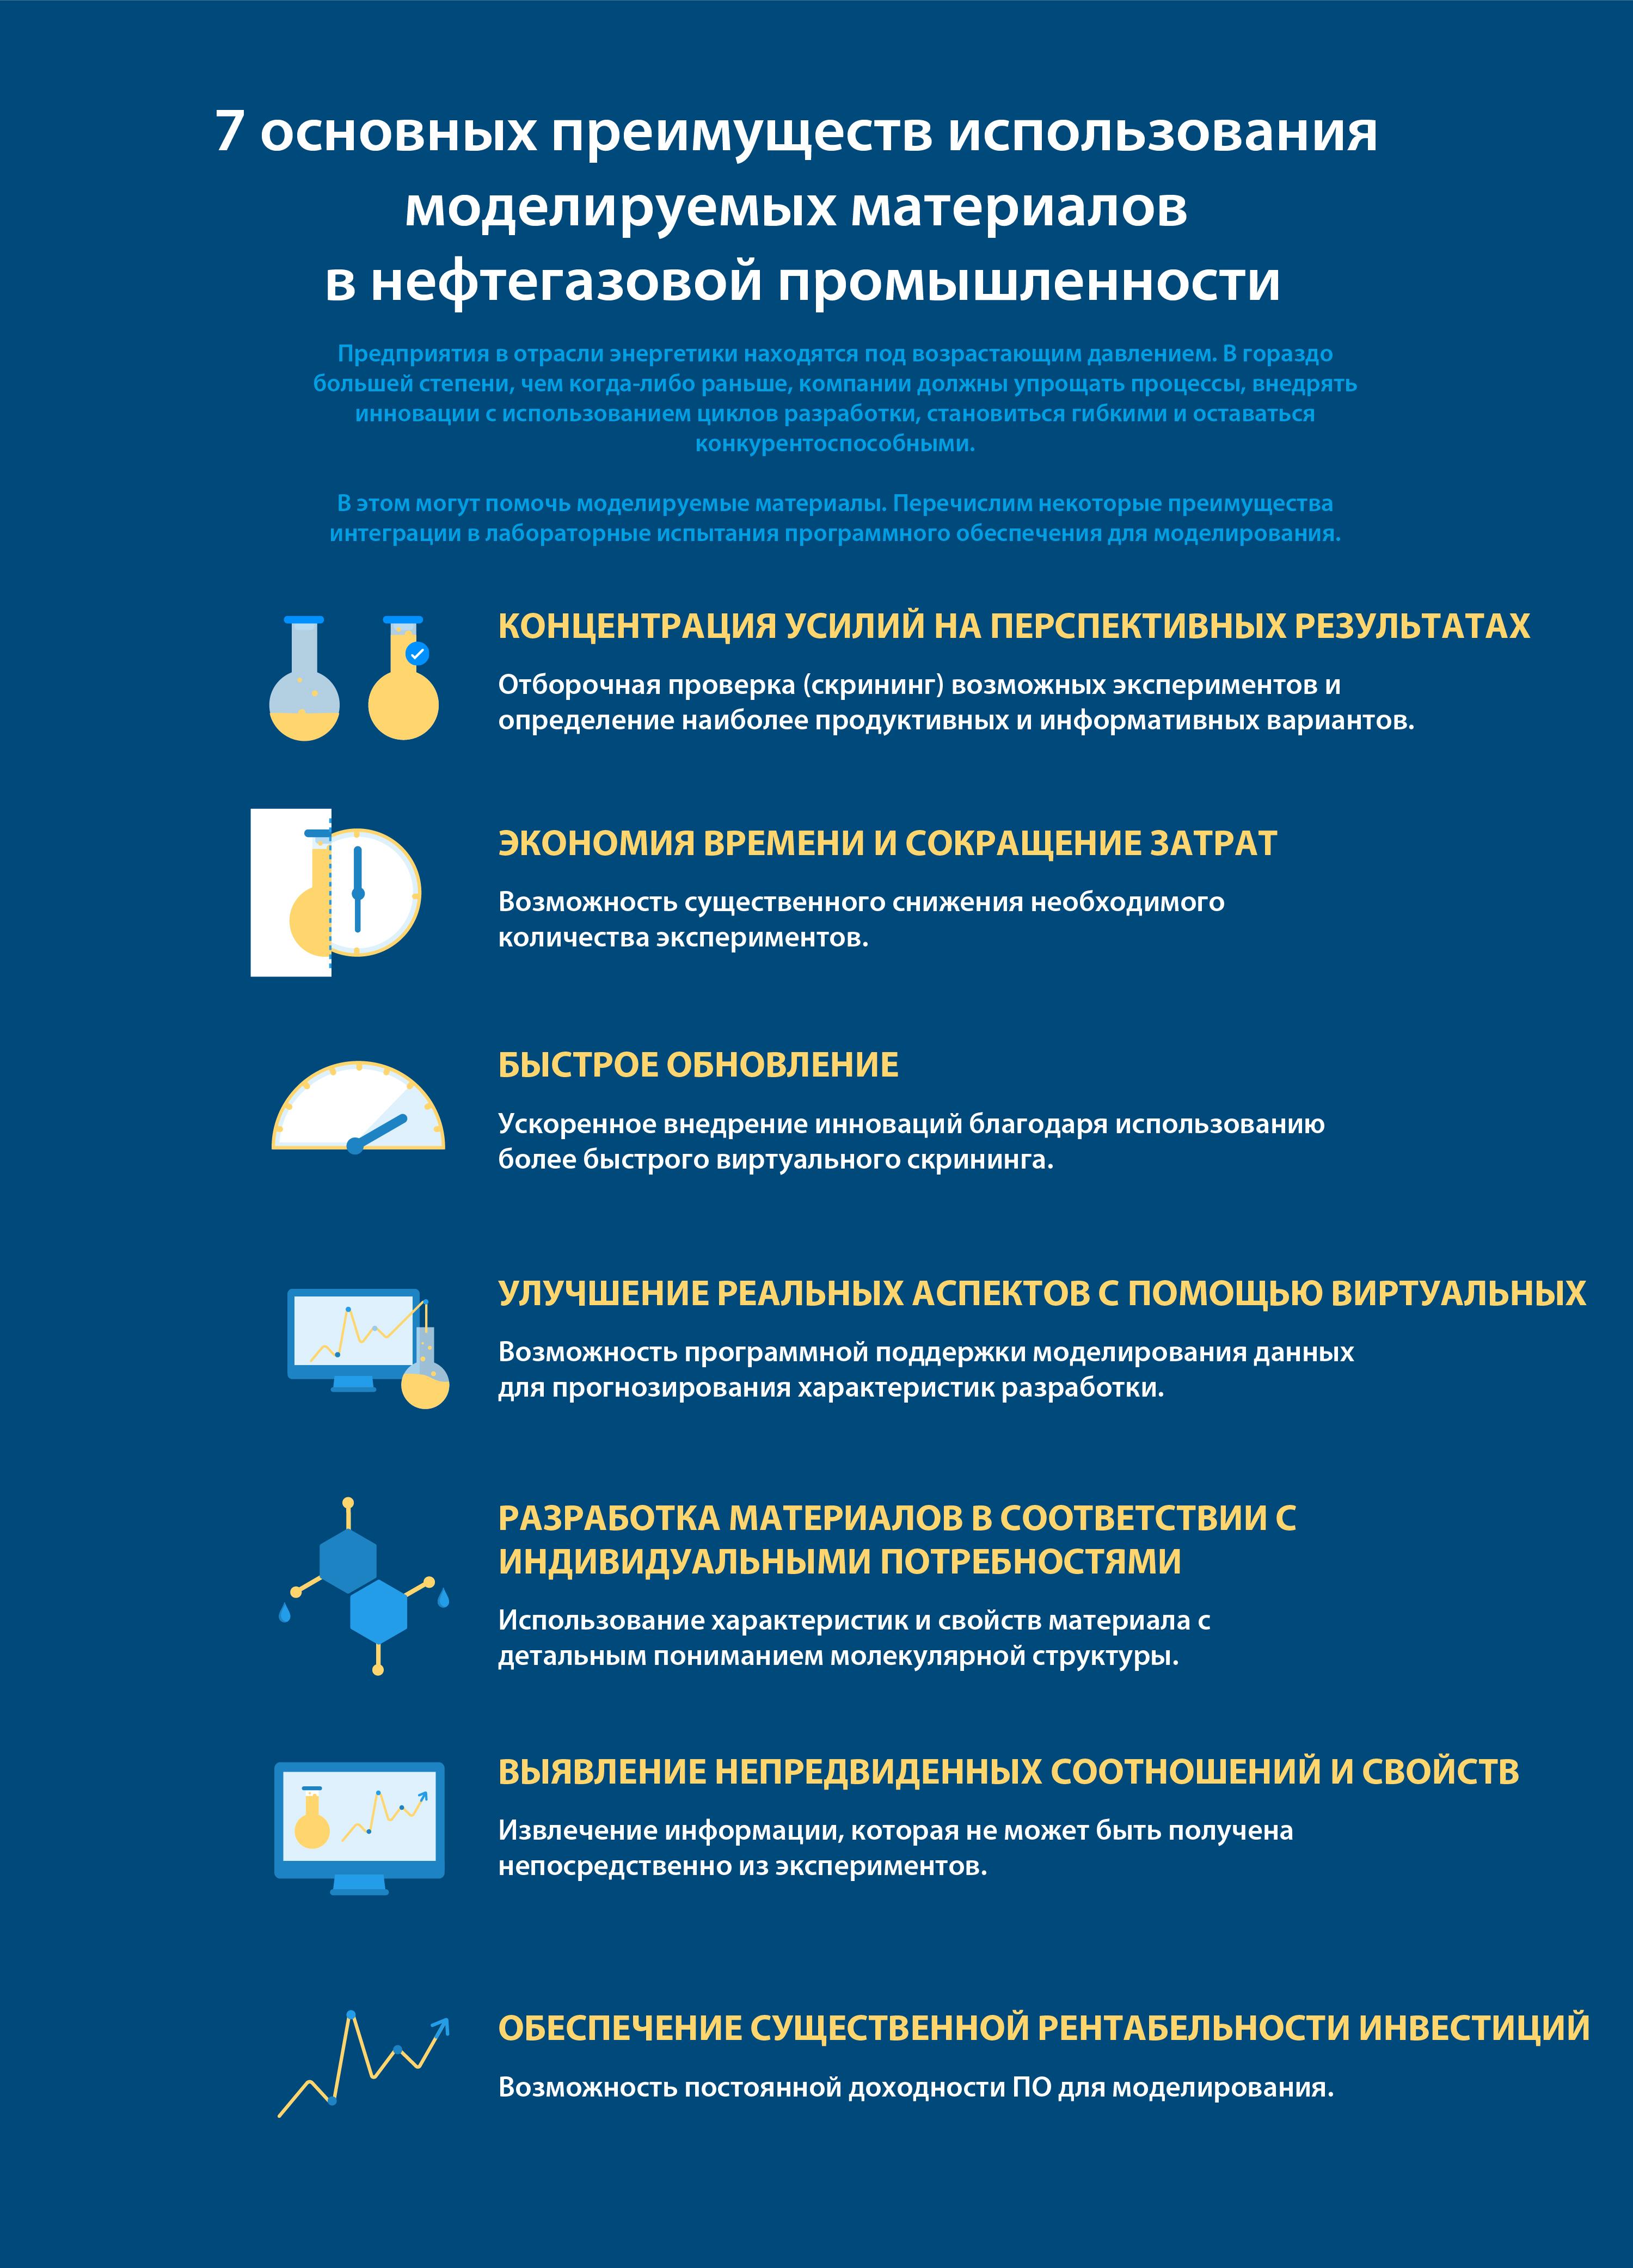 Цифровая трансформация > 7основных преимуществ использования моделируемых материалов в нефтегазовой промышленности > Dassault Systèmes®